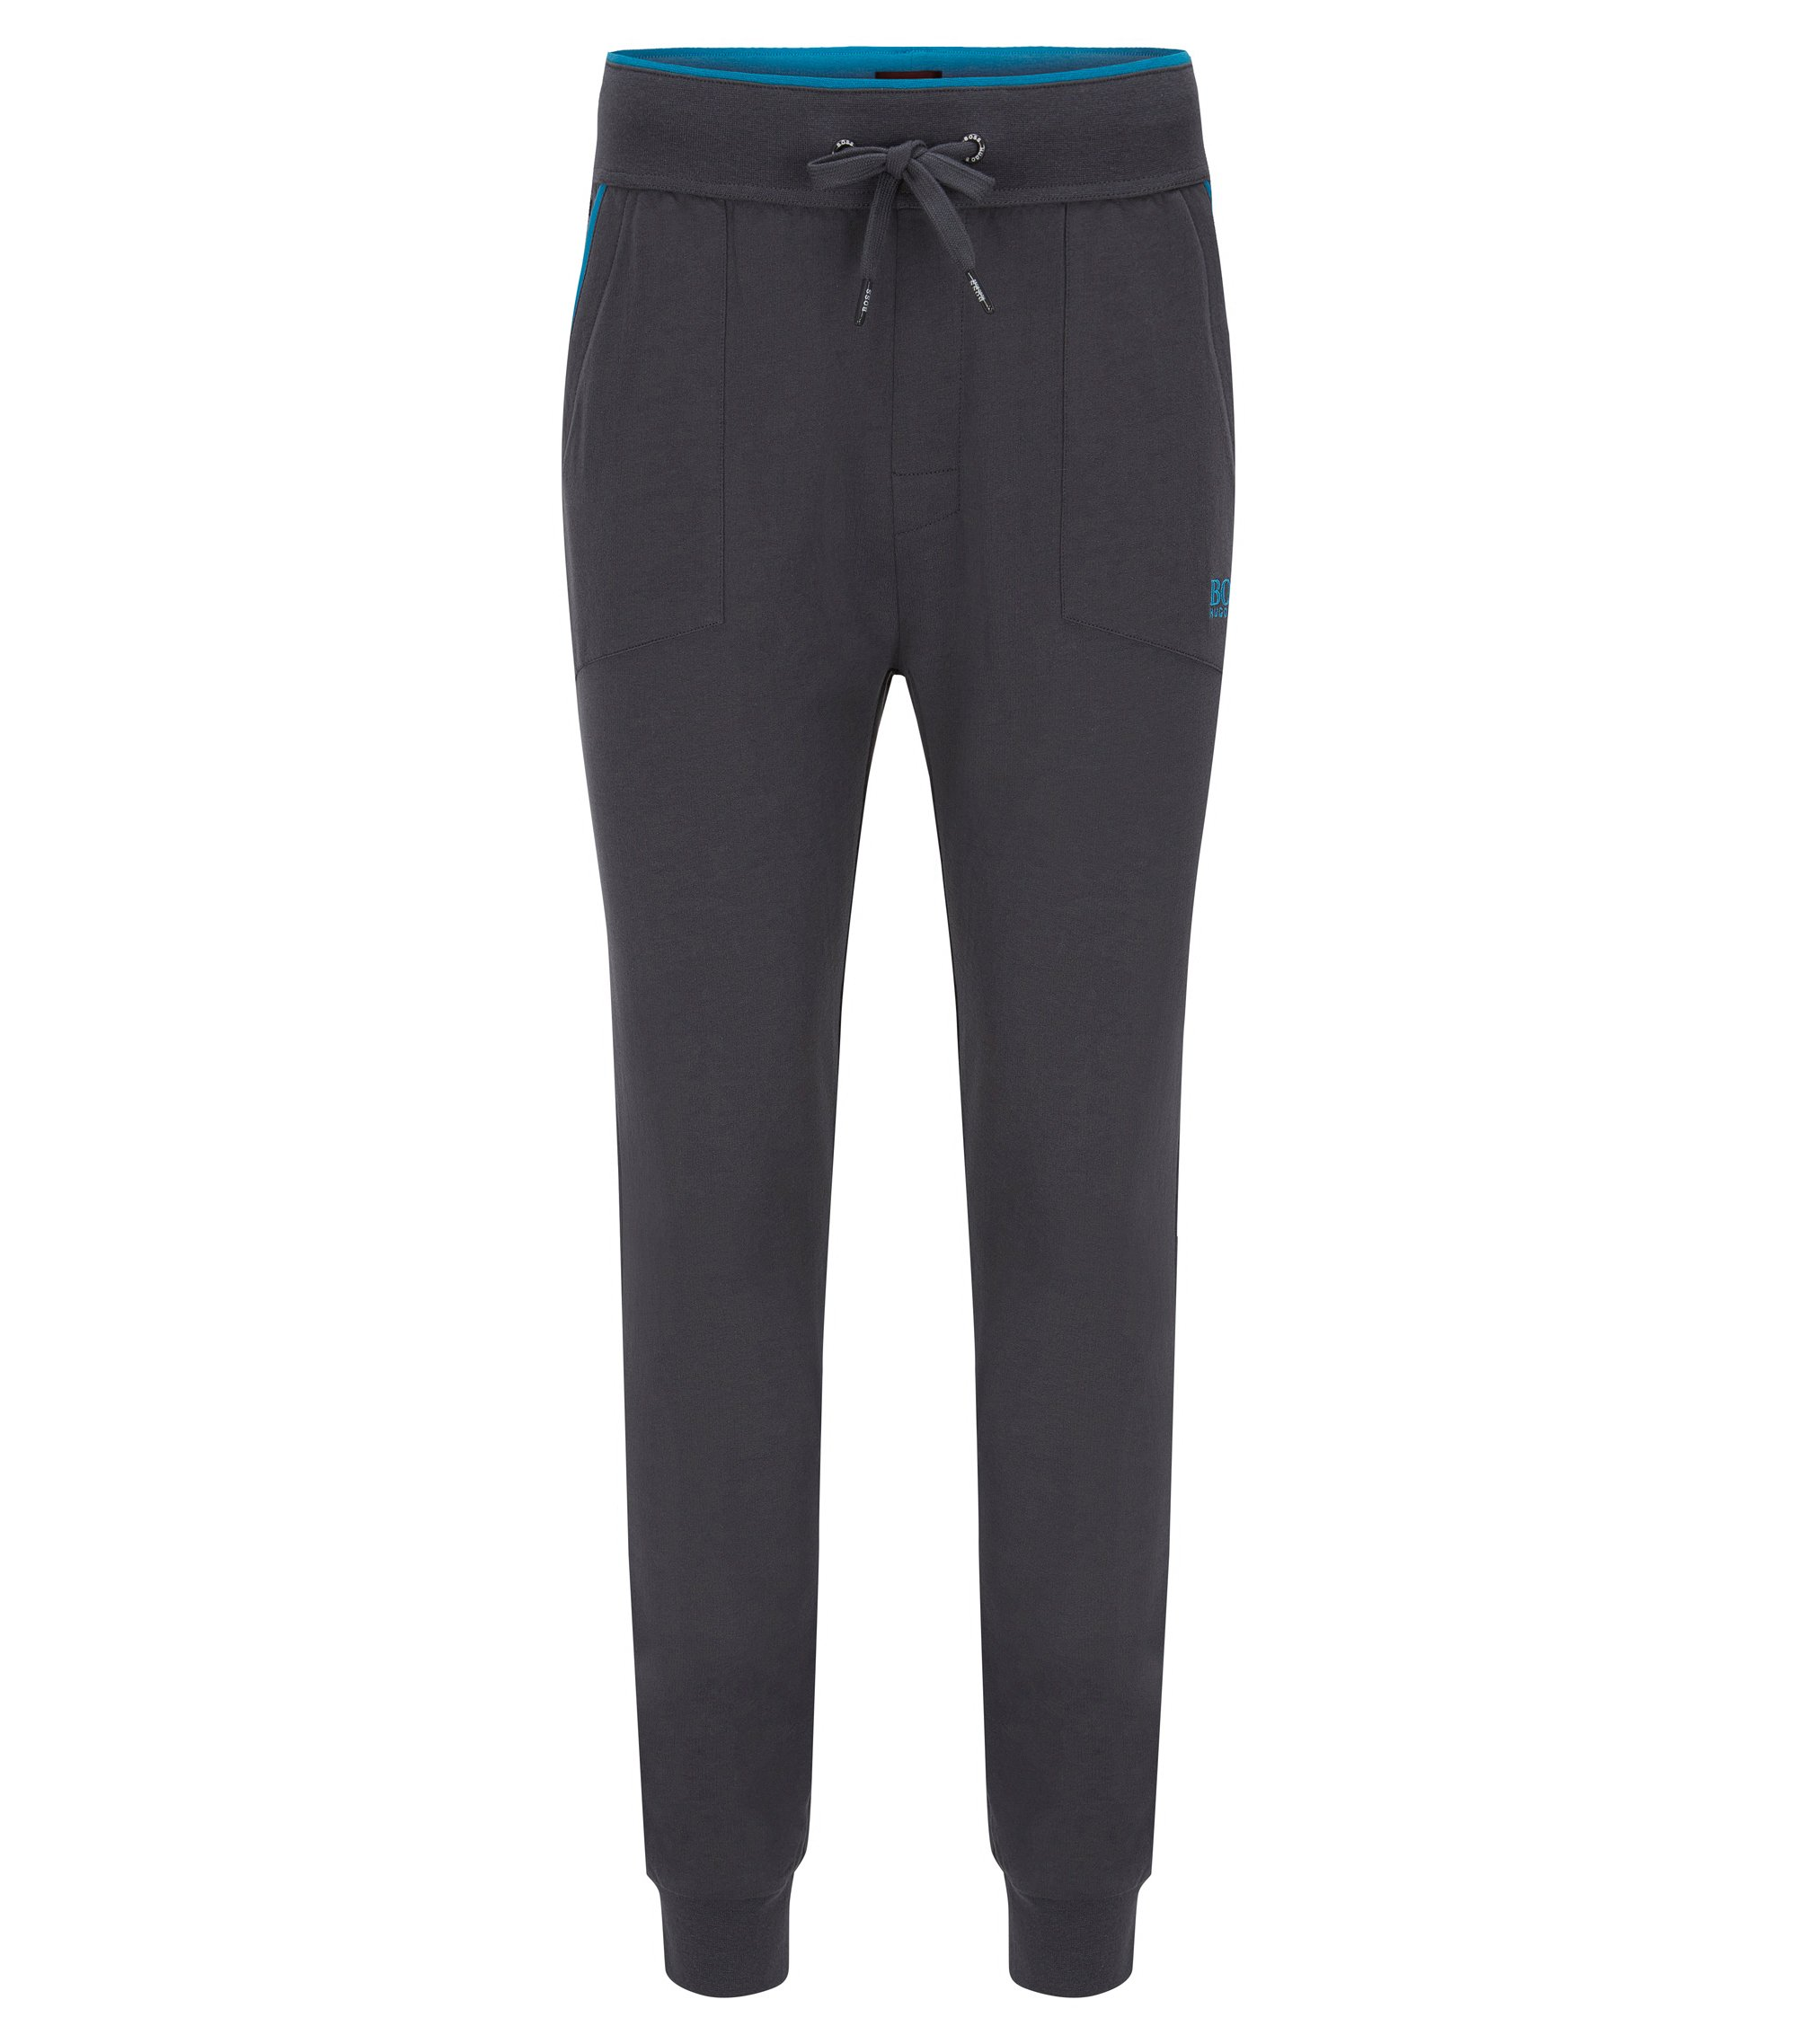 Pantalon d'intérieur en jersey avec poches appliquées et passepoil contrasté, Gris sombre